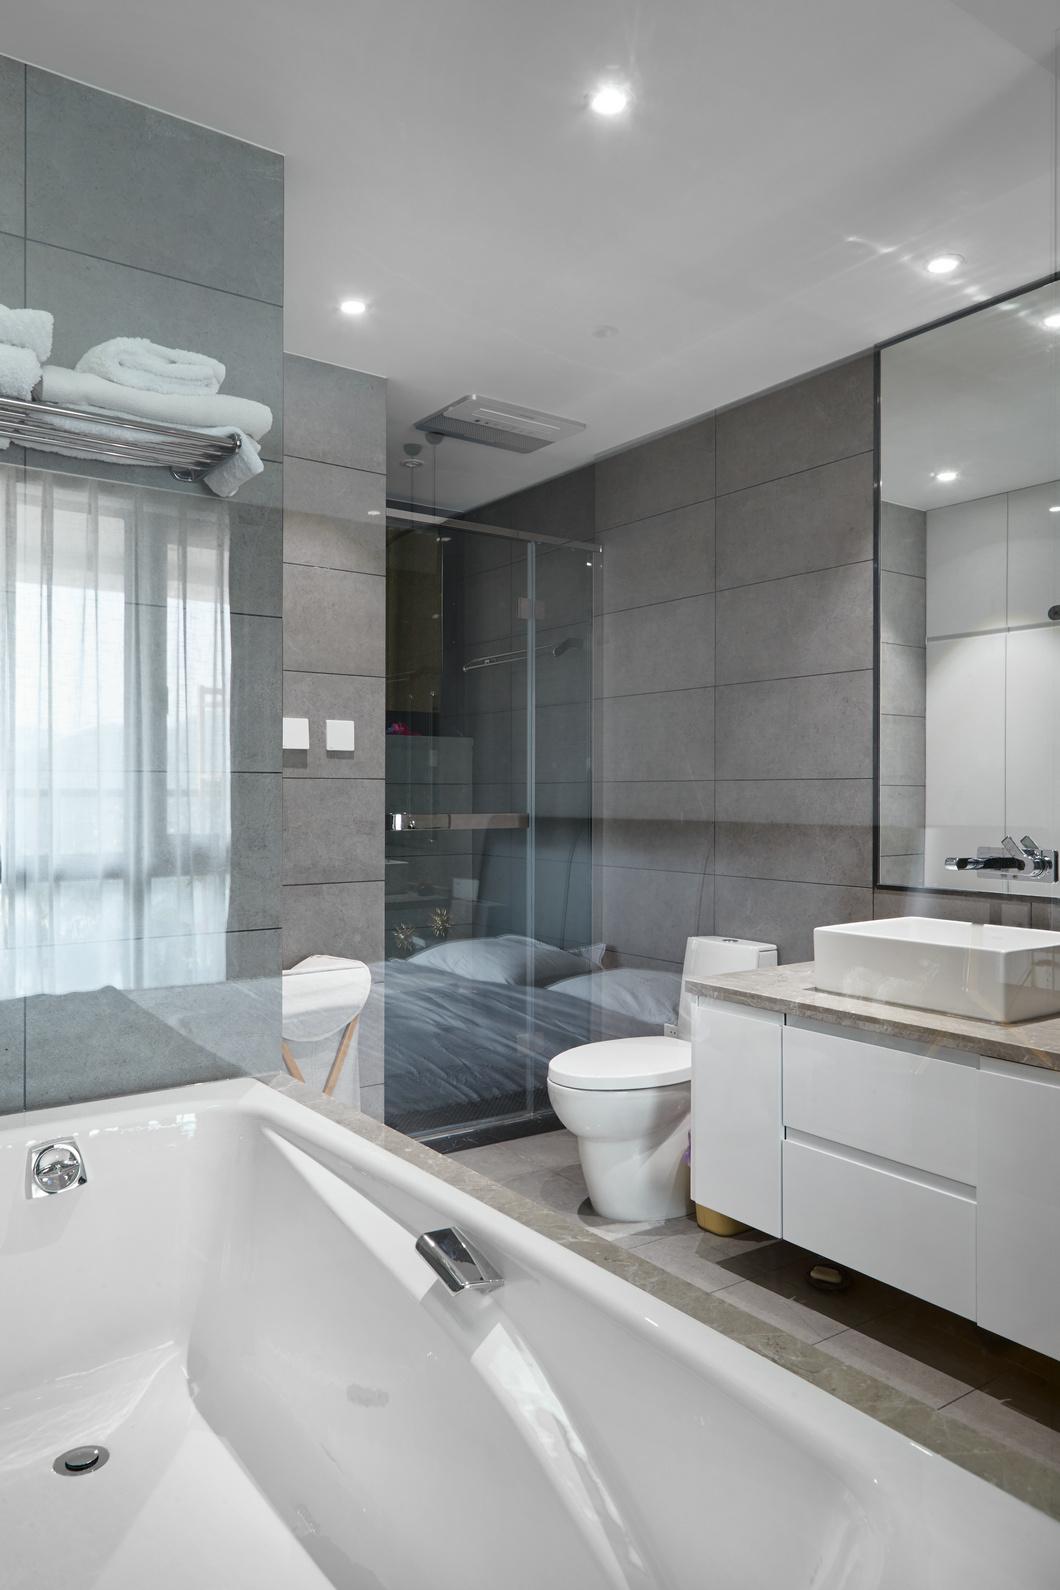 卫浴室的四周以米色的大块瓷砖为铺贴,配上简洁的白色的家居,加上顶面简洁白色方块的顶面吊顶,简洁为敞亮